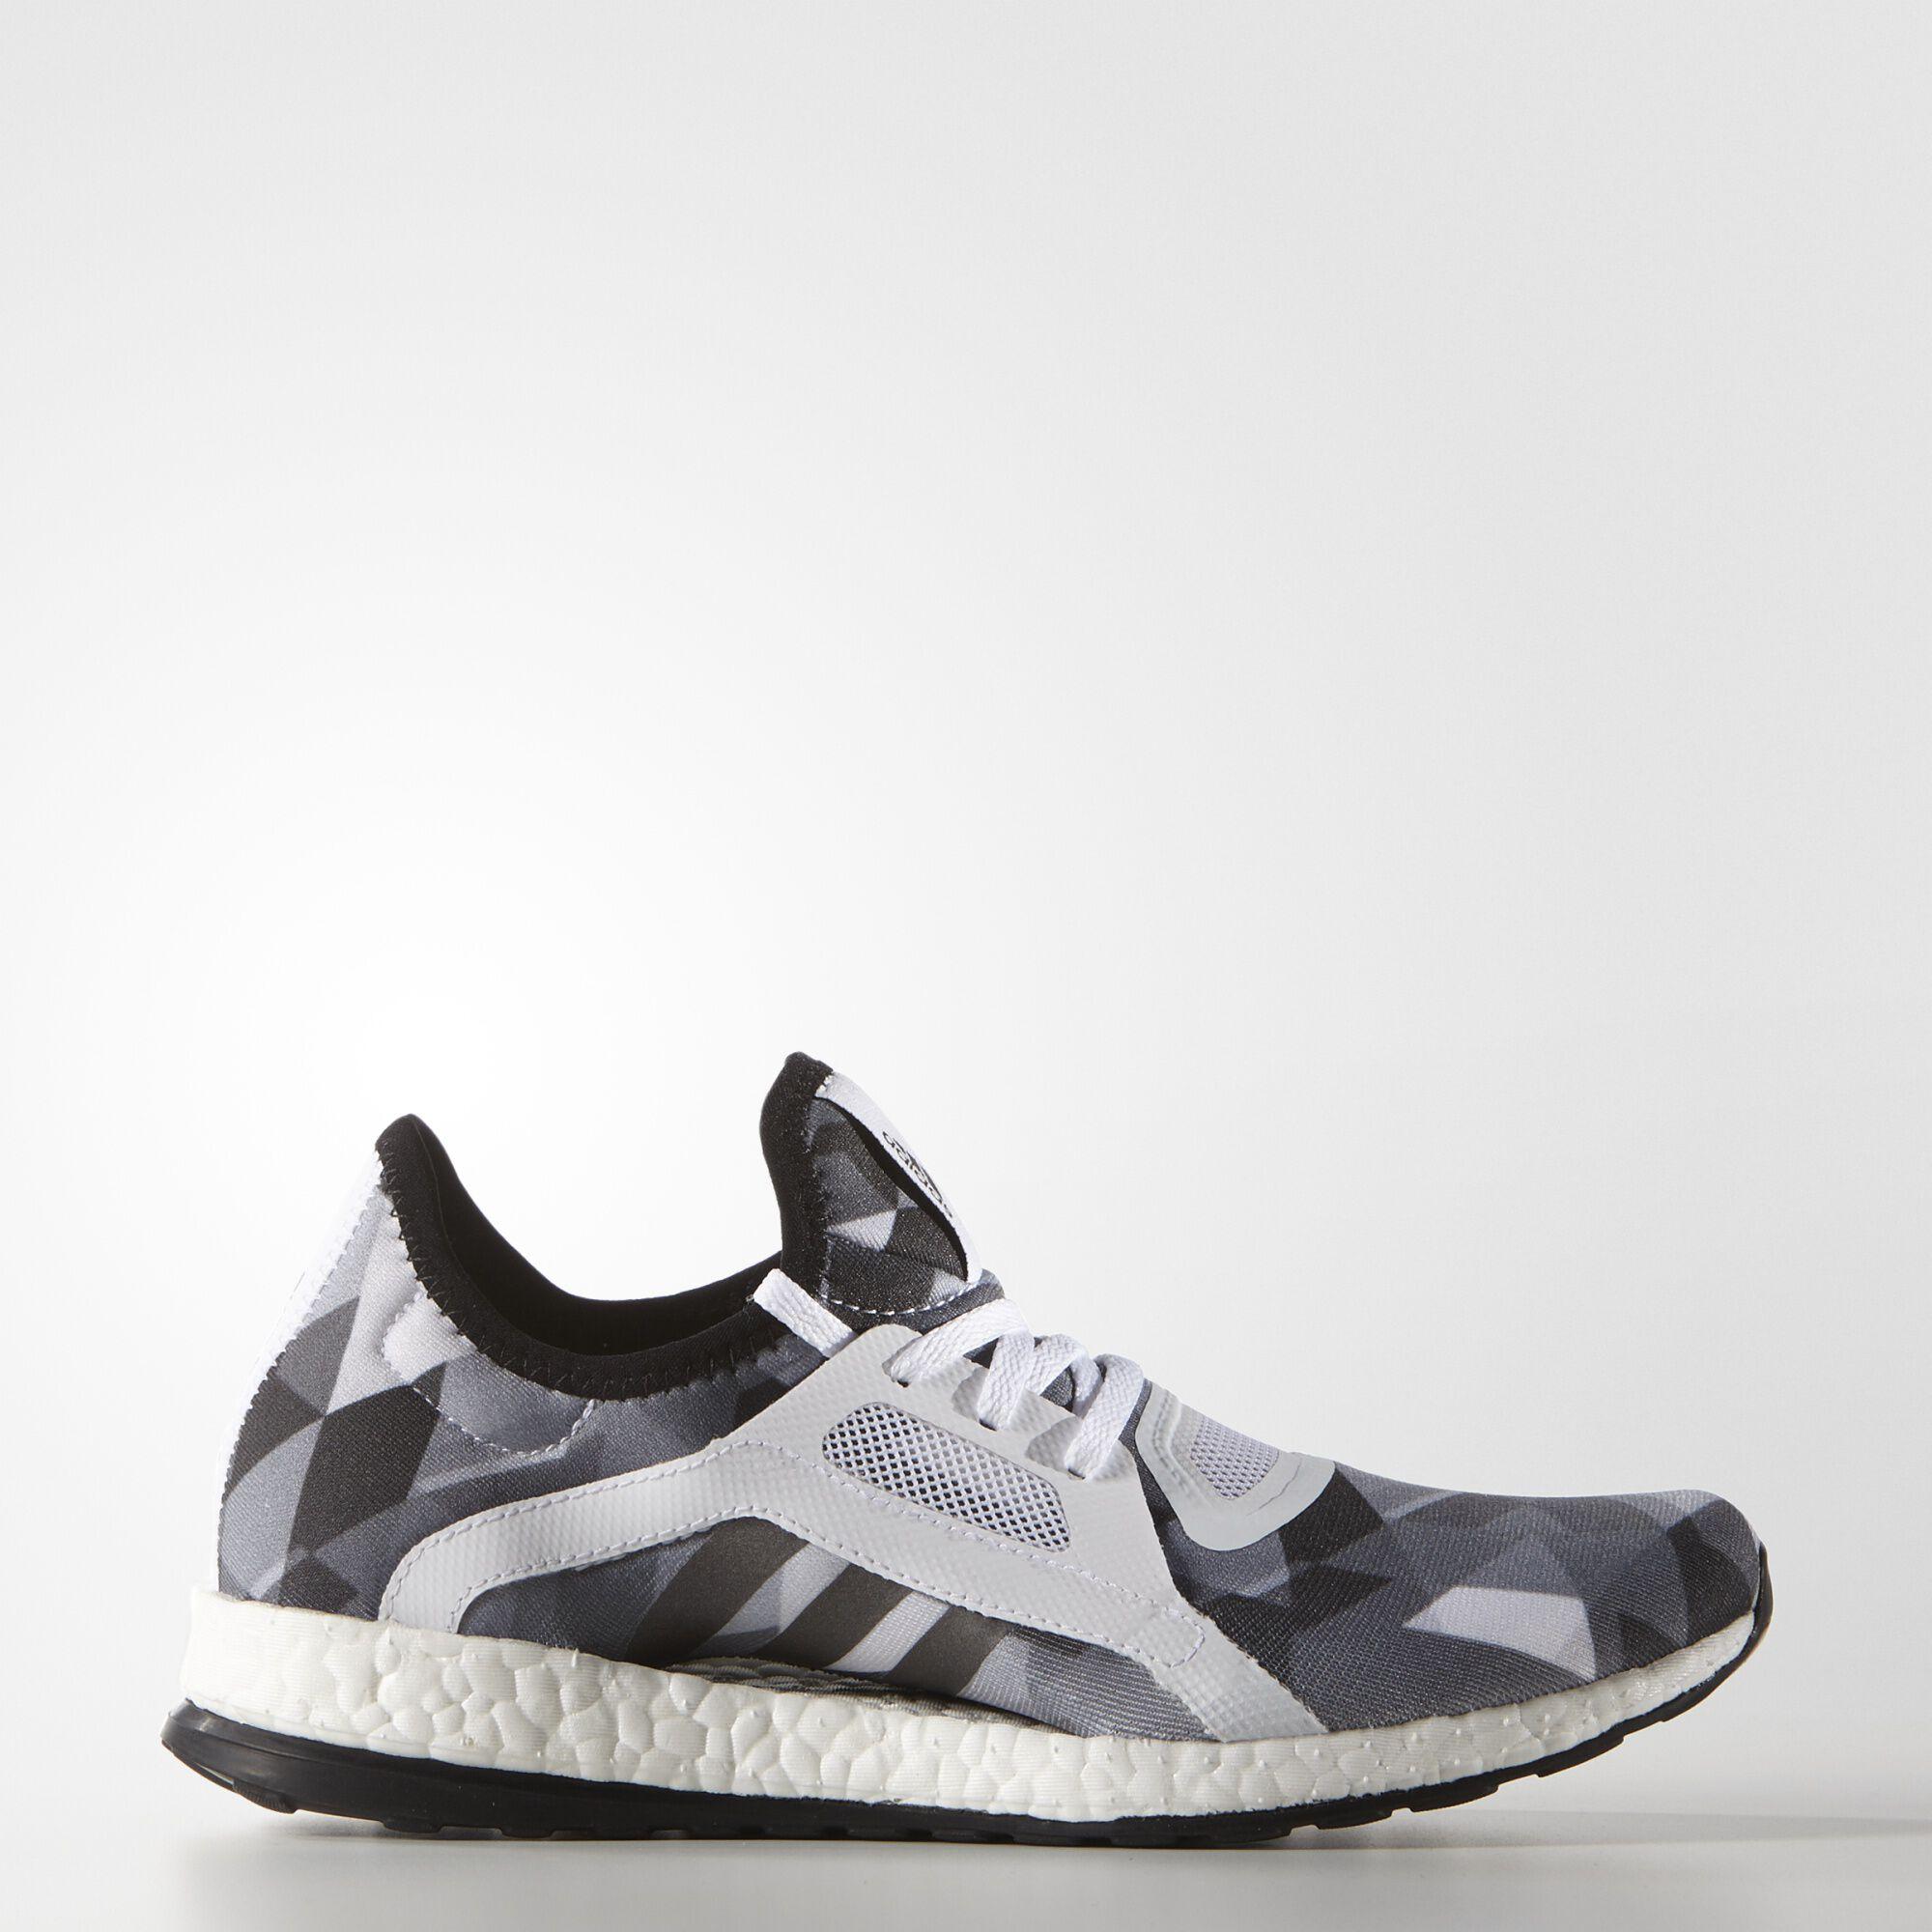 adidas footwears